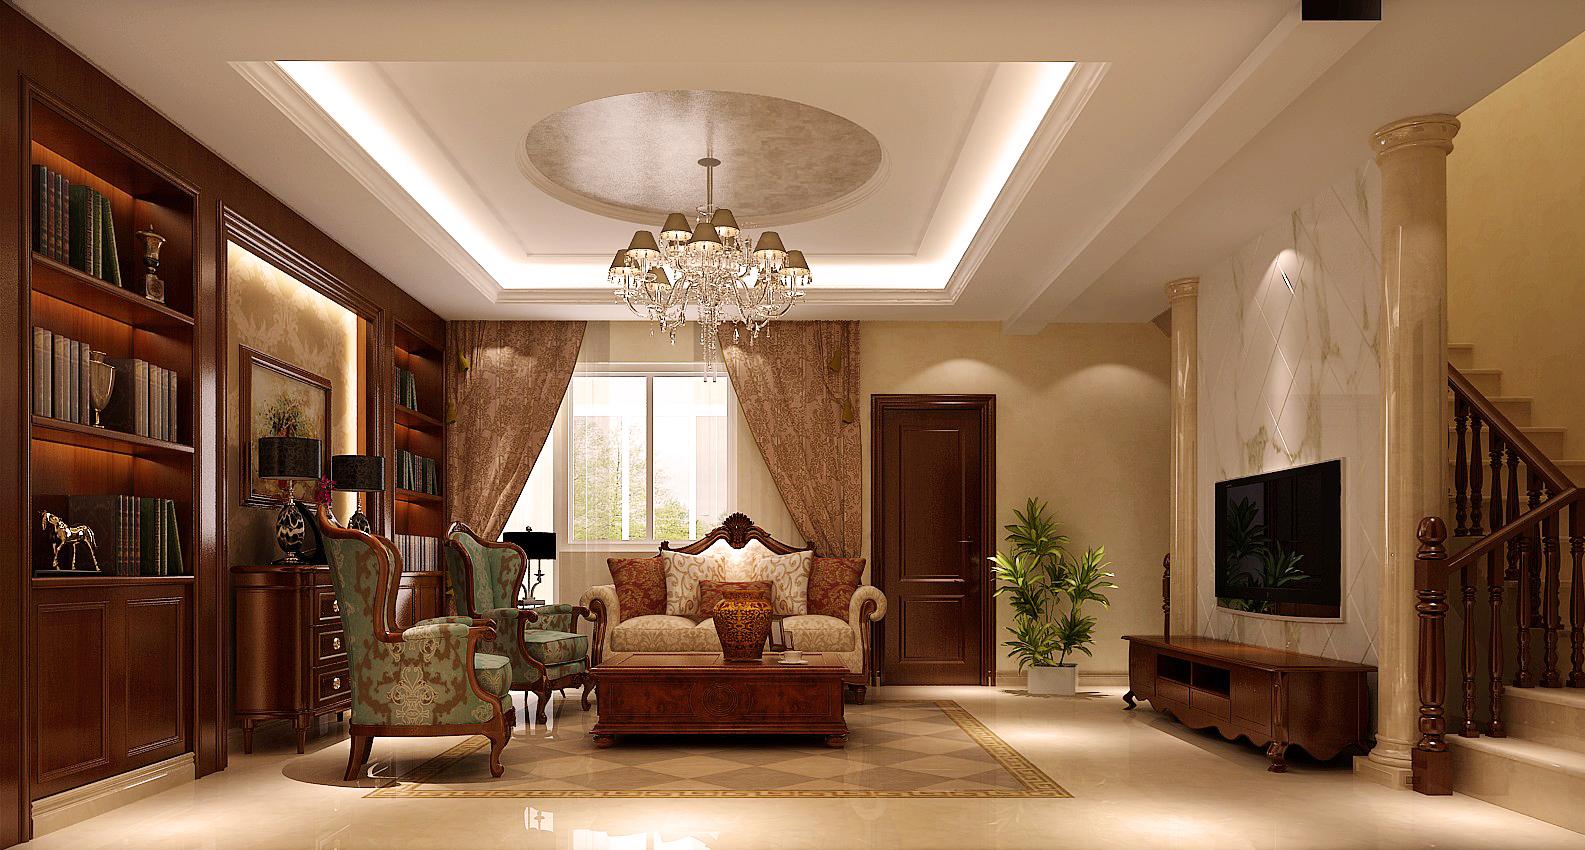 简约 欧式 中式 混搭 客厅图片来自高度国际装饰黄帅在都说标题长才会有人看的分享